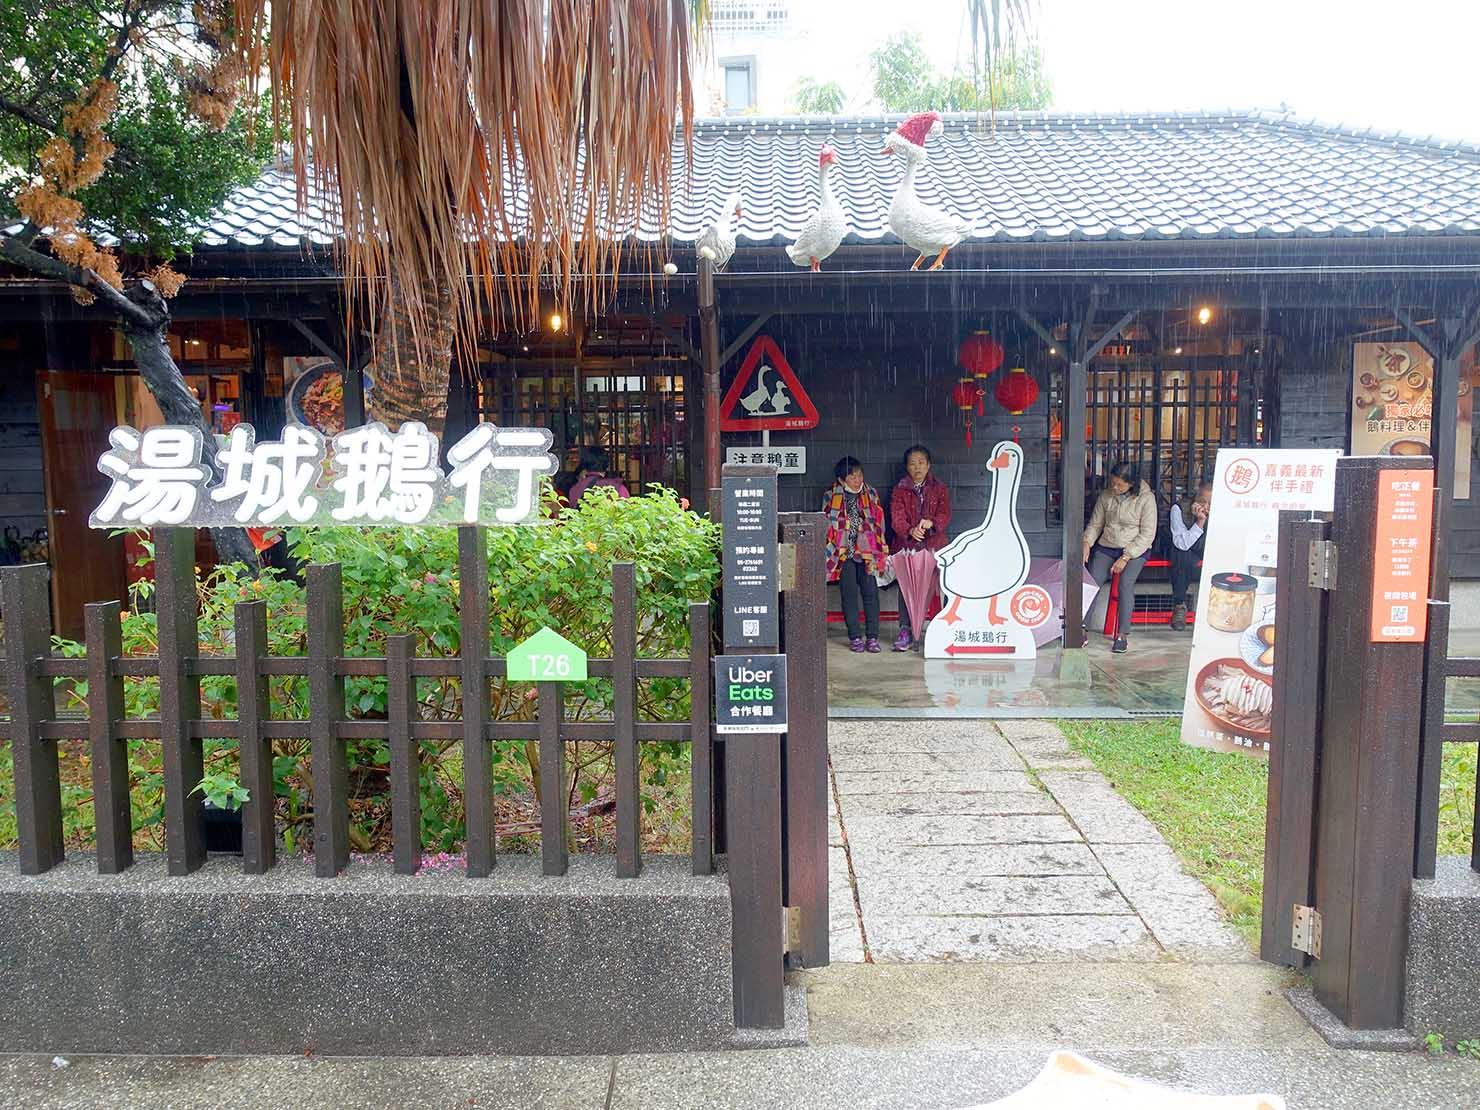 嘉義のおすすめ観光スポット「檜意森活村」のレストラン・湯城鵝行の外観